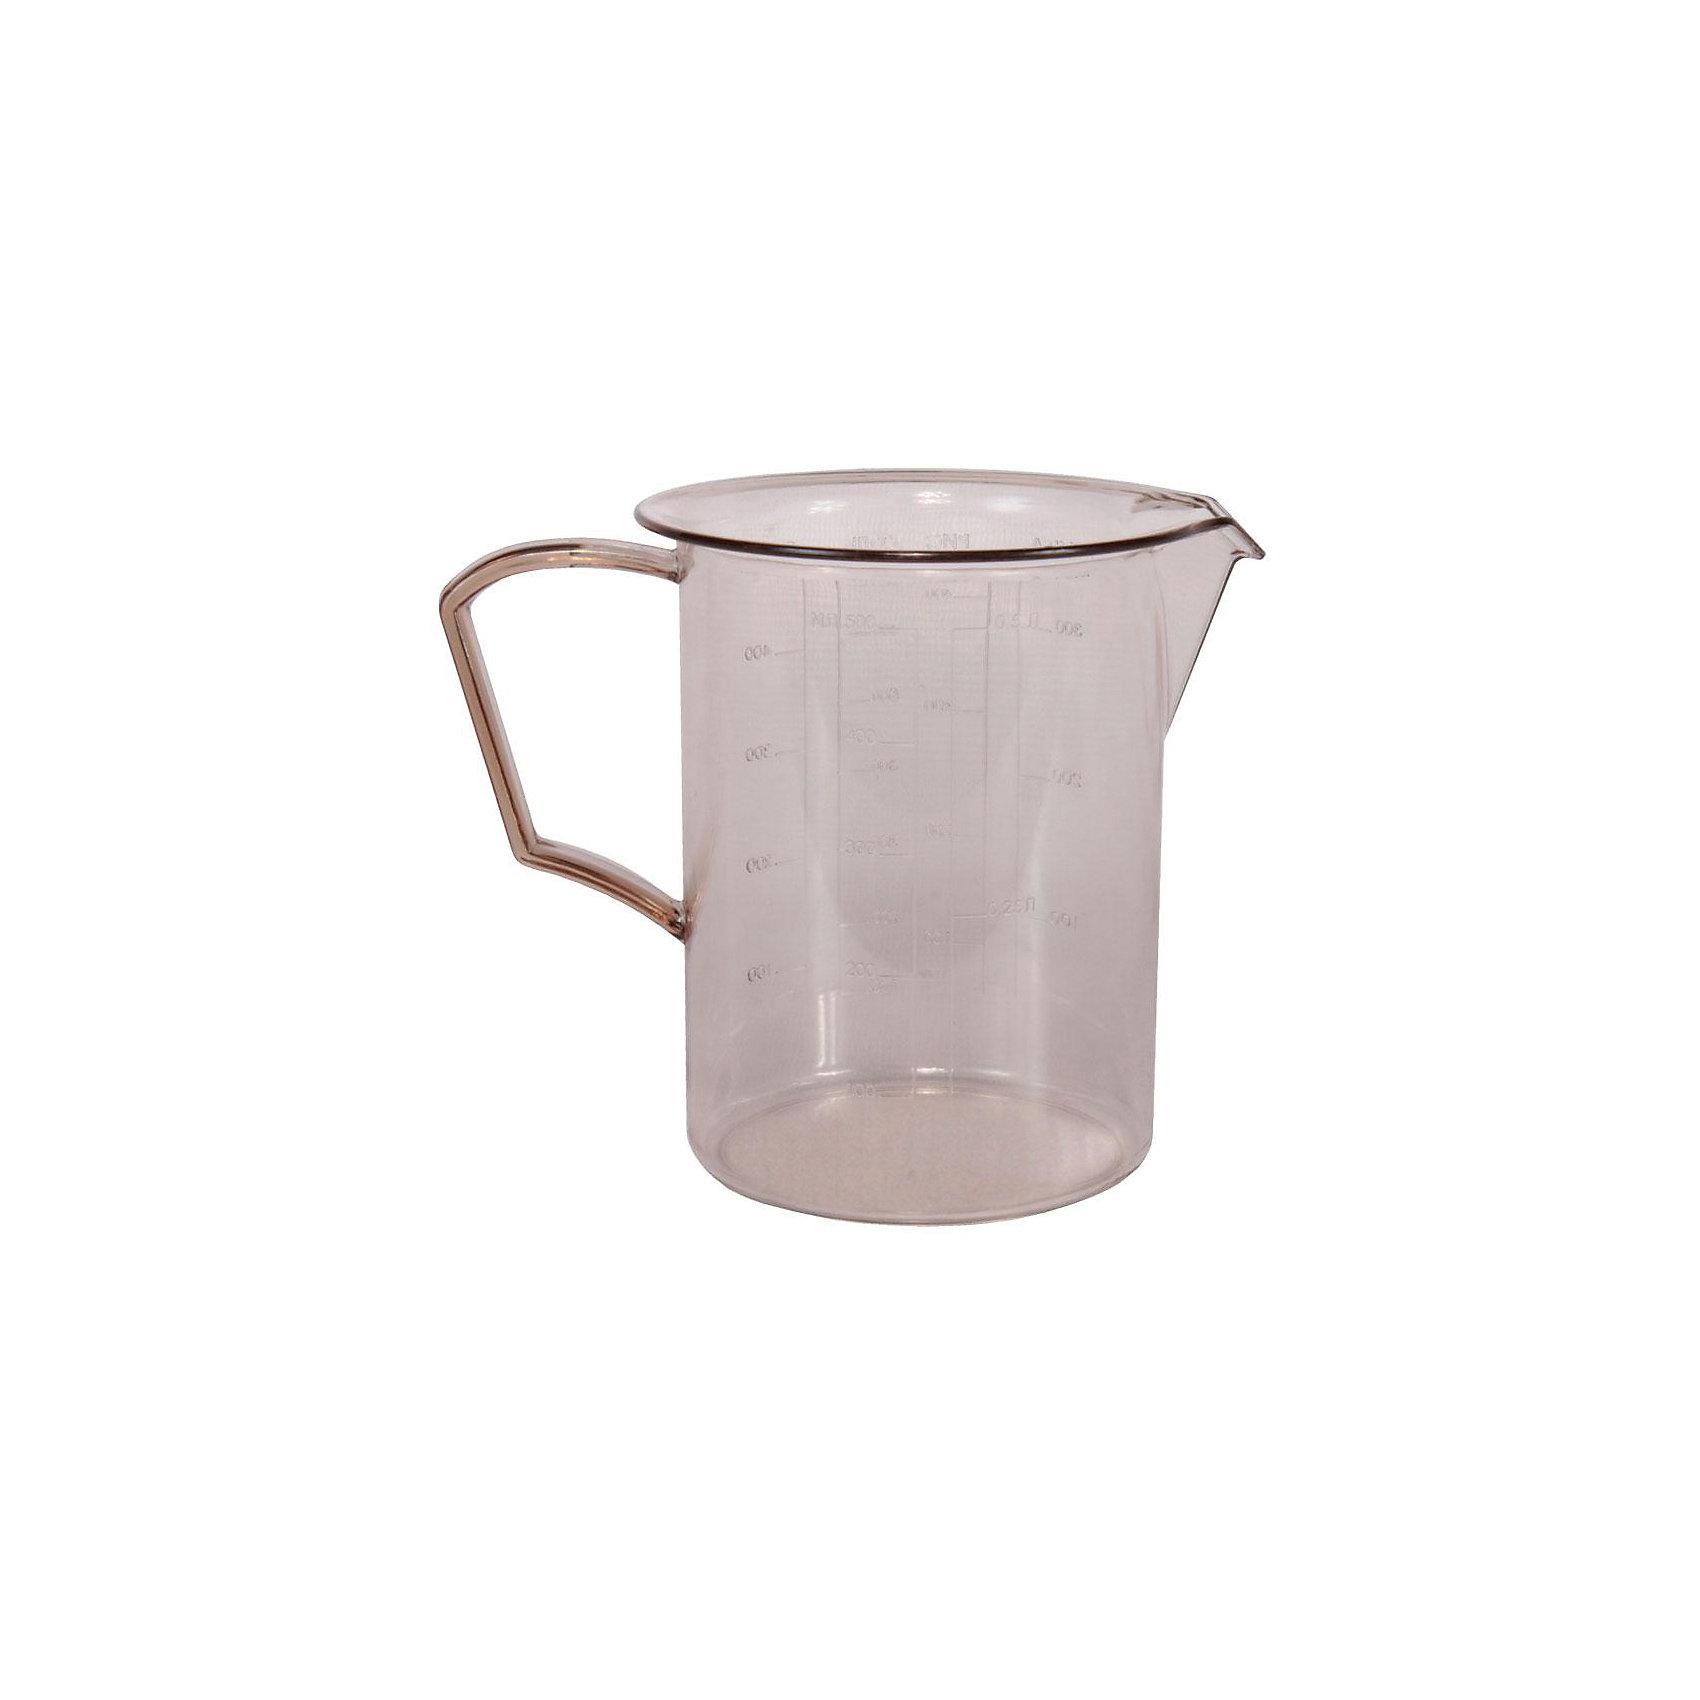 Кружка мерная 0,5л. , AlternativaКружка мерная 0,5л. , Alternativa поможет вам точно и  без затруднений отмерить нужное количество продукта. Кружка имеет удобный носик для слива и мерную шкалу относительно муки, риса, соли и сахара на внешней стороне. Мерная кружка изготовлена из 100-процентного пластика, поэтому в пищу не  попадут вредные вещества. <br><br>Дополнительная информация:<br> -Объем: 0,5 л<br> -Цвет: прозрачный<br> -Материал: 100% пластик <br>  -Марка: Alternativa<br><br>Кружка мерная 0,5л. , Alternativa  вы можете приобрести в нашем интернет-магазине.<br><br>Ширина мм: 103<br>Глубина мм: 93<br>Высота мм: 113<br>Вес г: 56<br>Возраст от месяцев: 6<br>Возраст до месяцев: 588<br>Пол: Унисекс<br>Возраст: Детский<br>SKU: 5096633